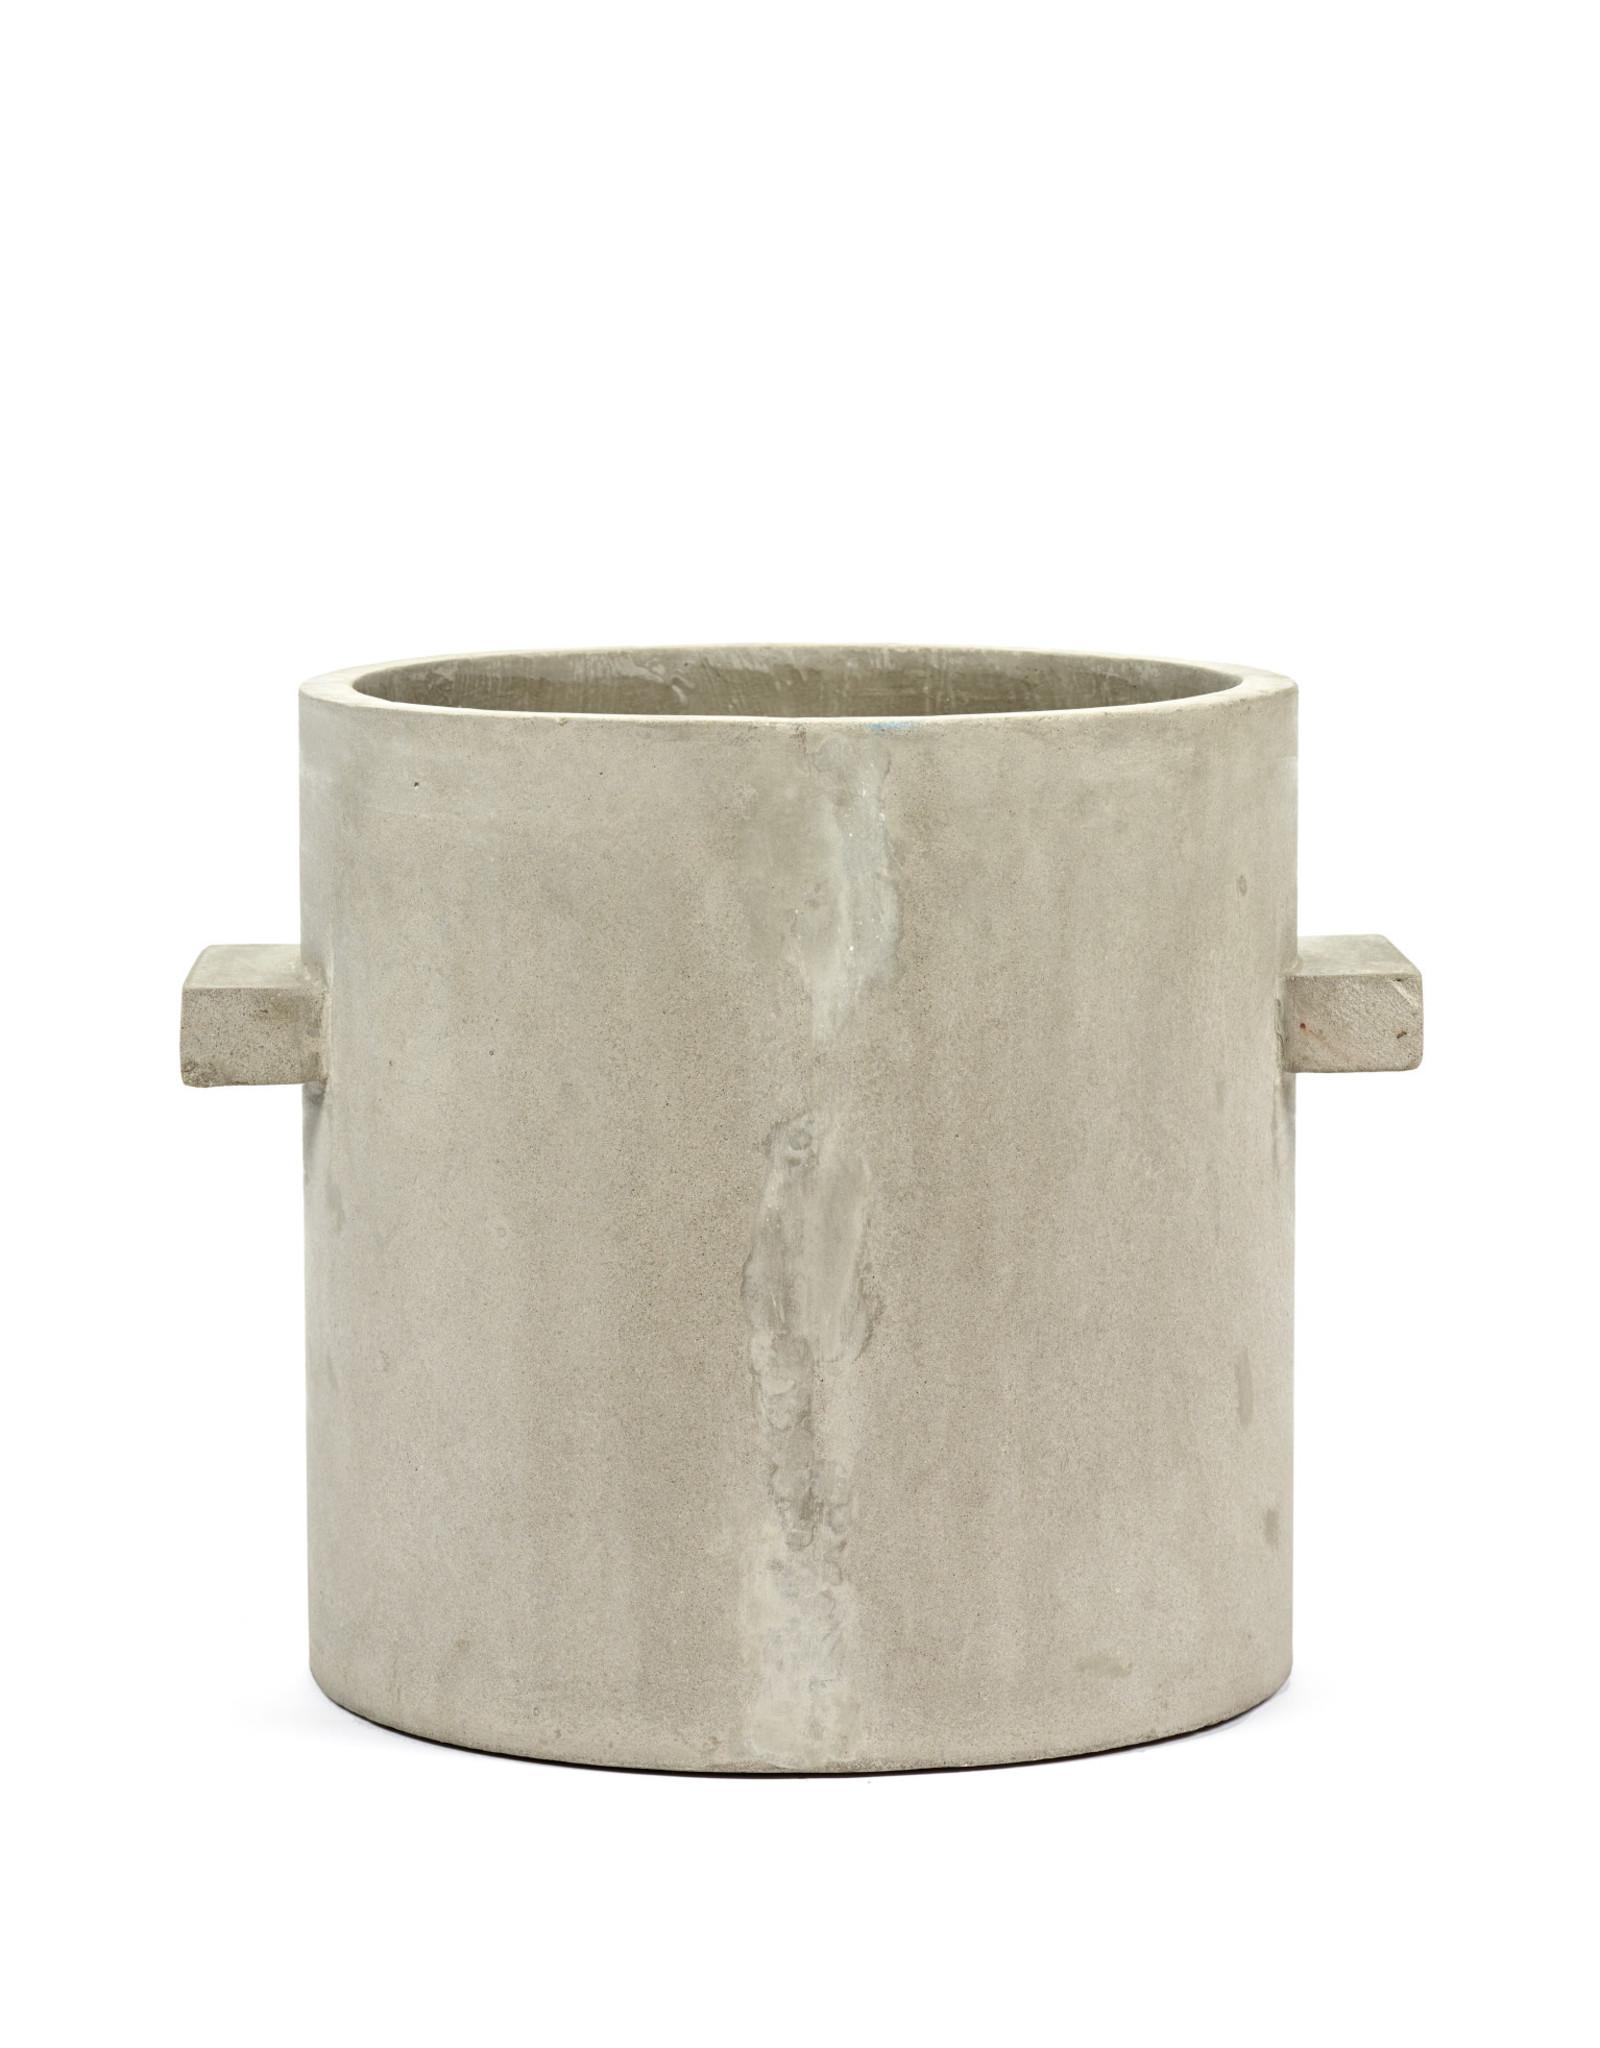 serax Concrete Pot Ø24 h27